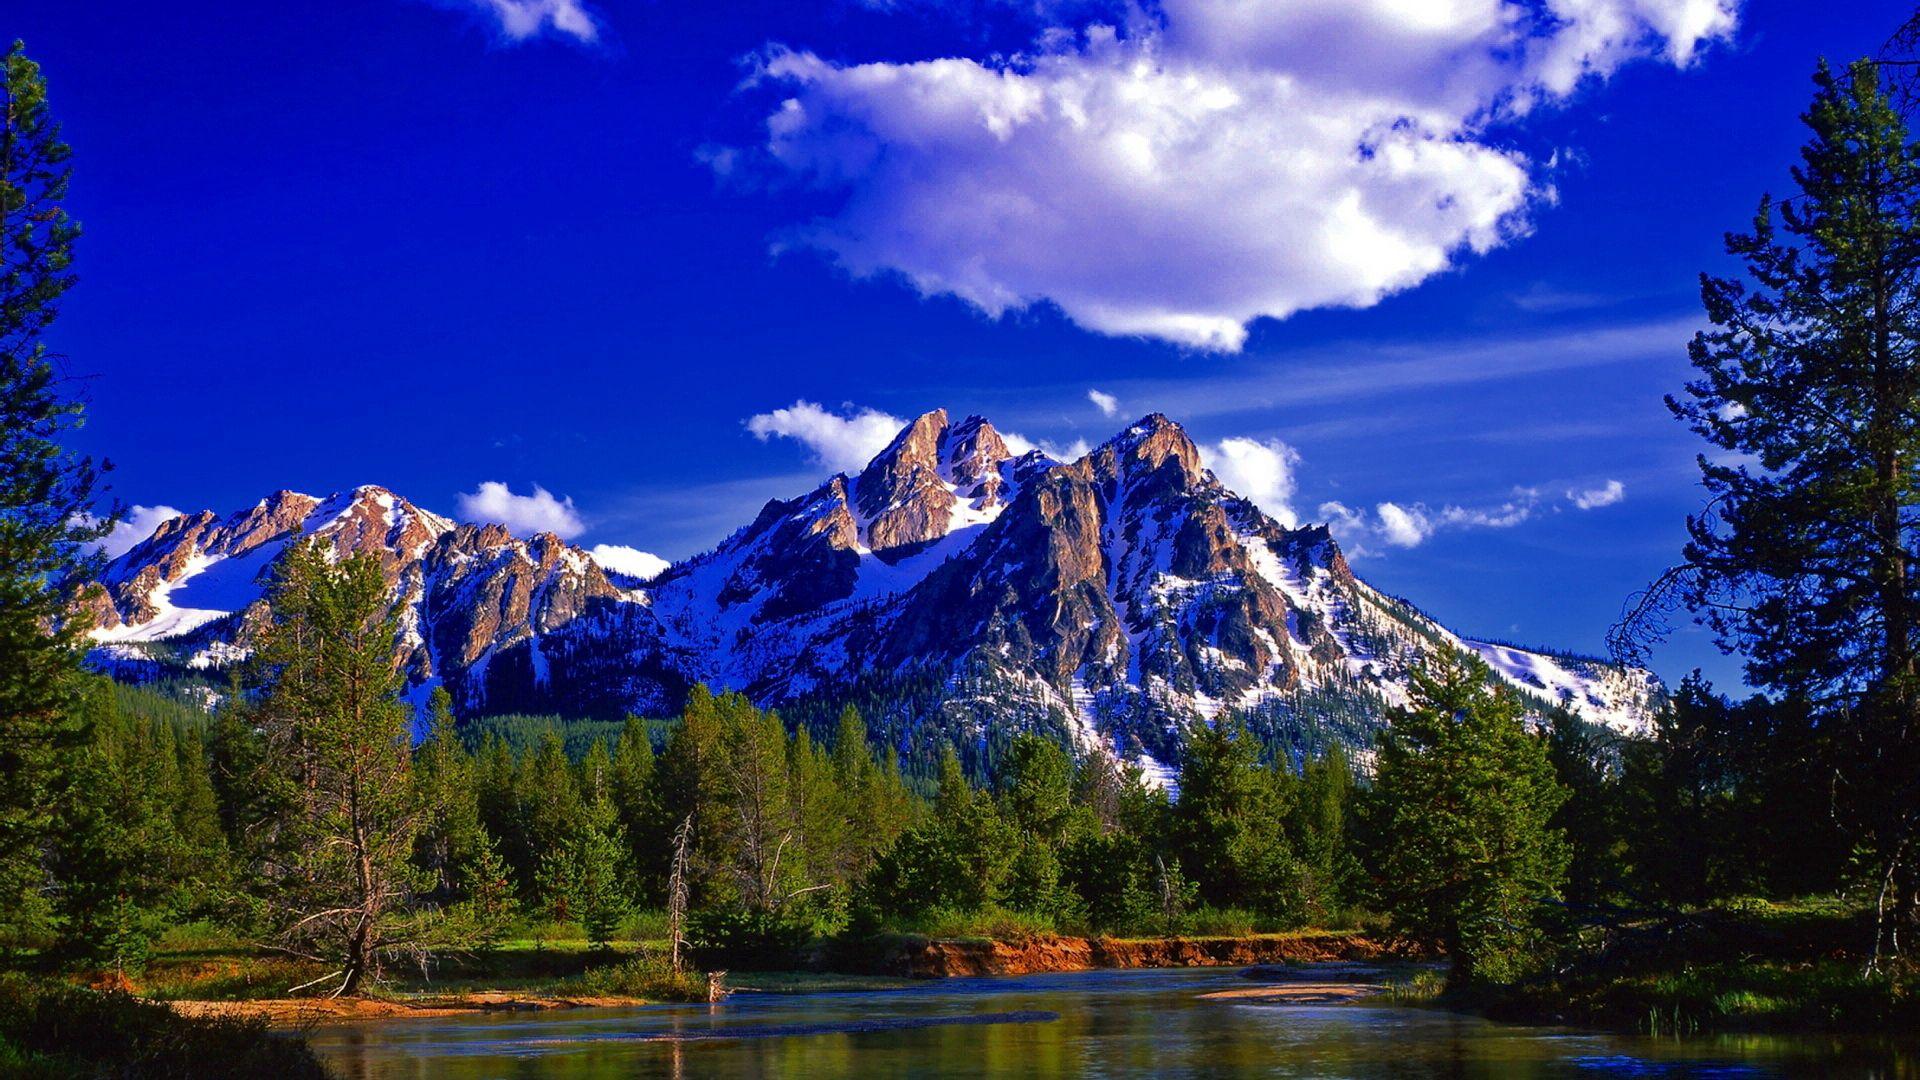 132115 скачать обои Природа, Пейзаж, Лес, Озеро, Лето, День, Гора, Вершина, Пик - заставки и картинки бесплатно